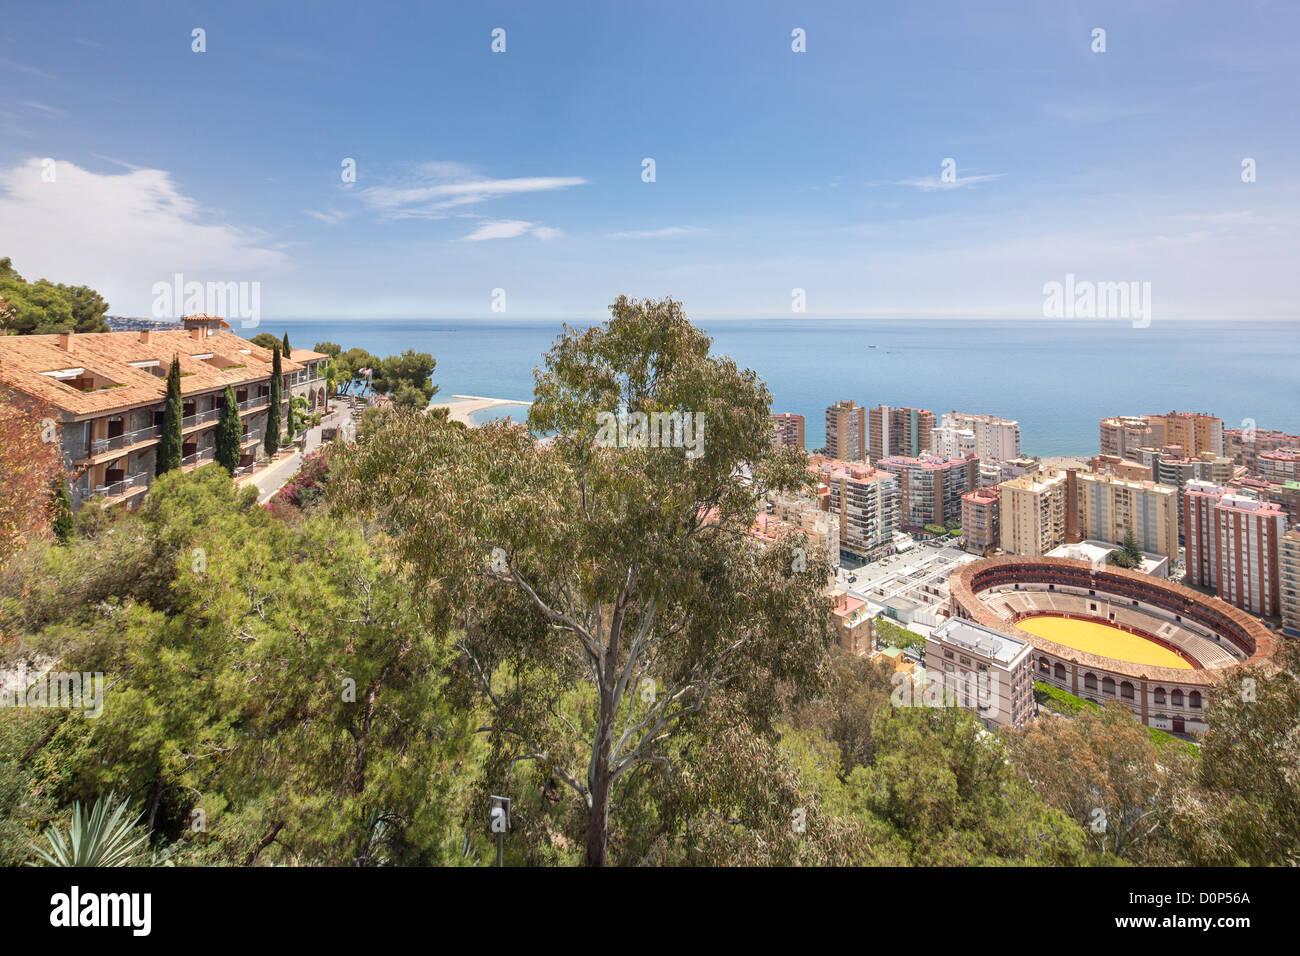 Parador de Gibralfaro Hotel in Malaga. Wunderschöne Lage beste Aussicht Vista Mittelmeer Küste Küste Stockbild